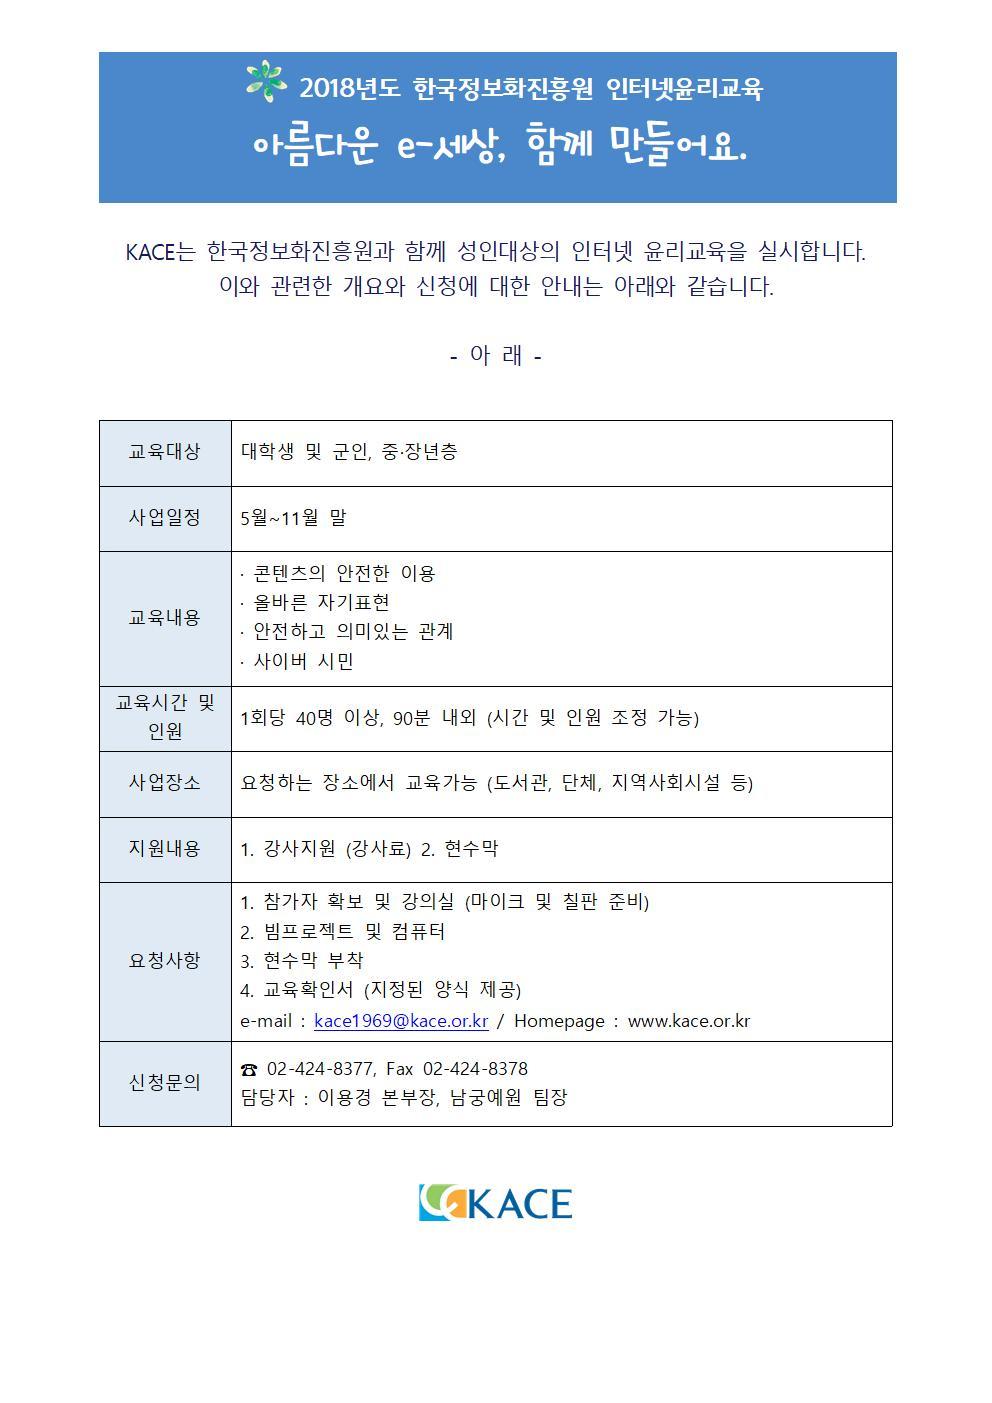 (홍보)2018년 정보화진흥원 인터넷윤리교육 안내001.jpg